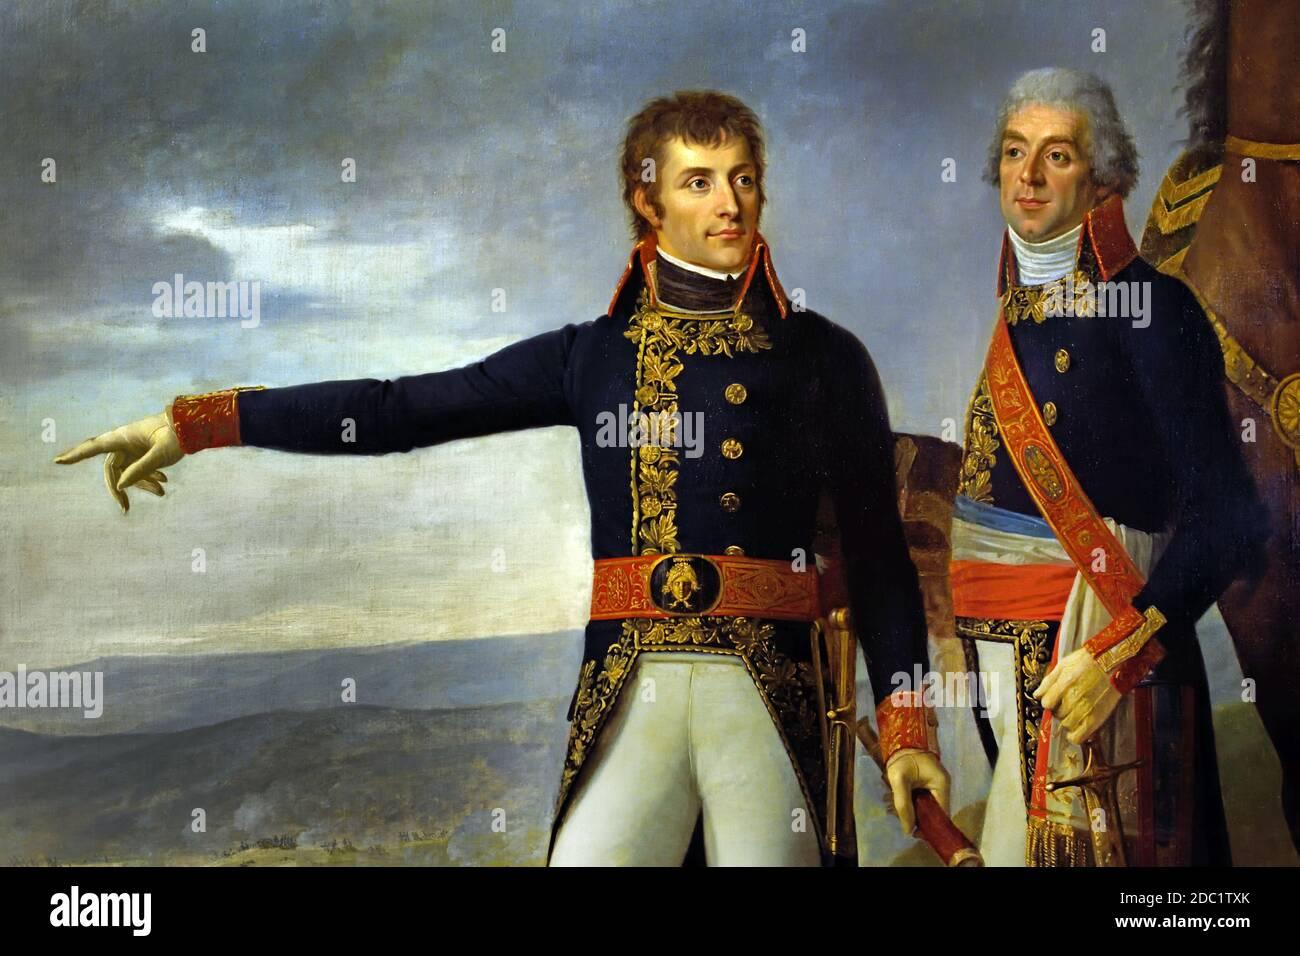 Emperador Napoleón Bonaparte - General Bonaparte y su jefe de Estado mayor Berthier en la batalla de Marengo 14 de junio de 1800 Francia, francés. Foto de stock